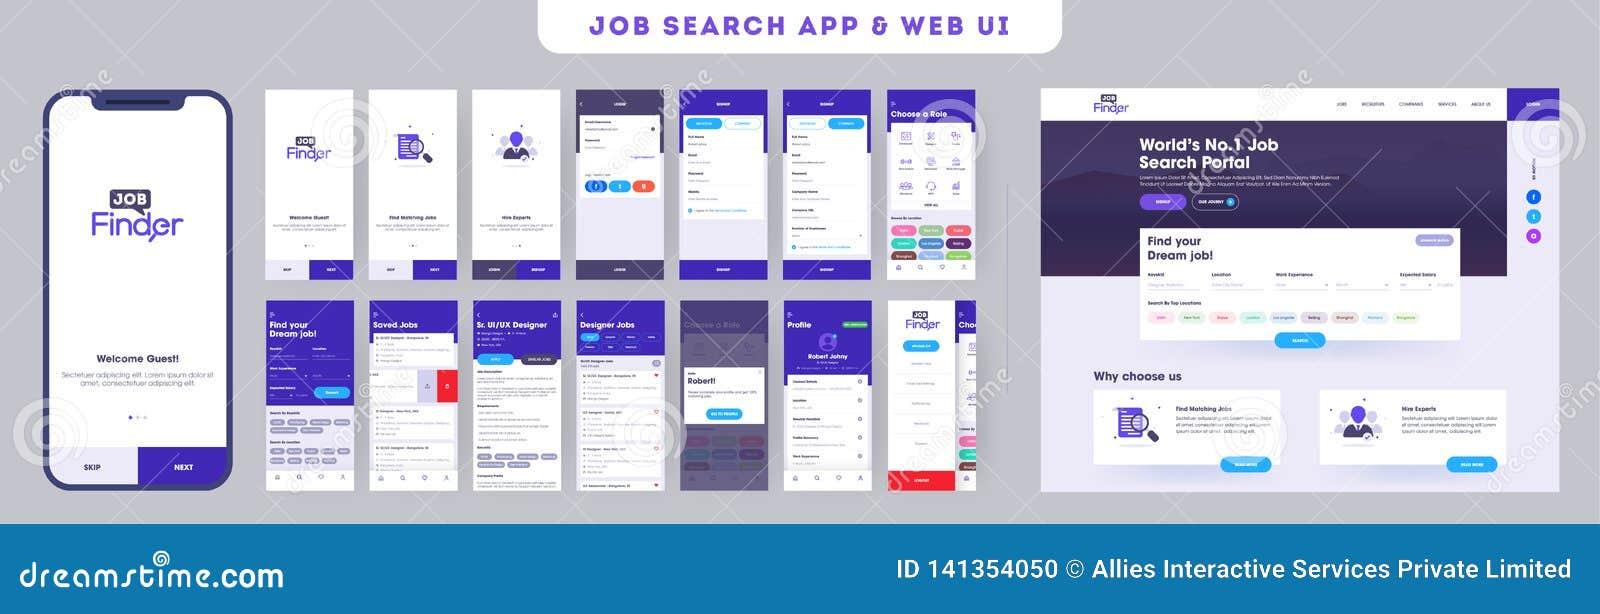 Baan die app ui uitrusting naar ontvankelijke mobiele toepassing of website met verschillende toepassingslay-out zoeken